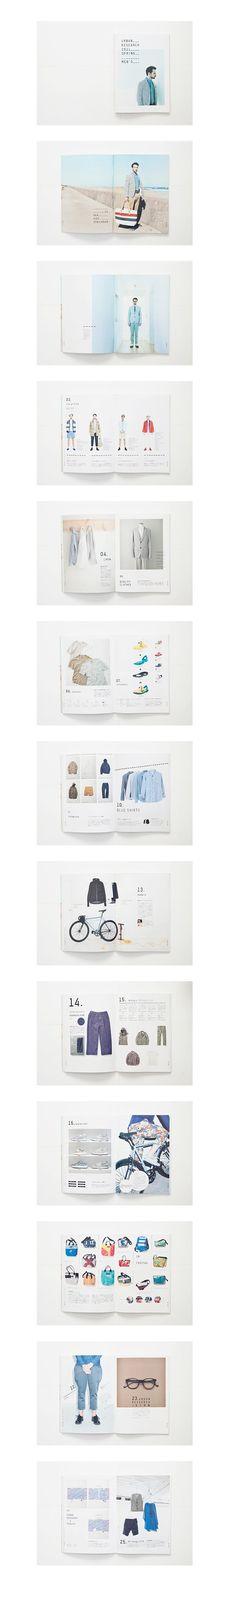 clean, editorial design